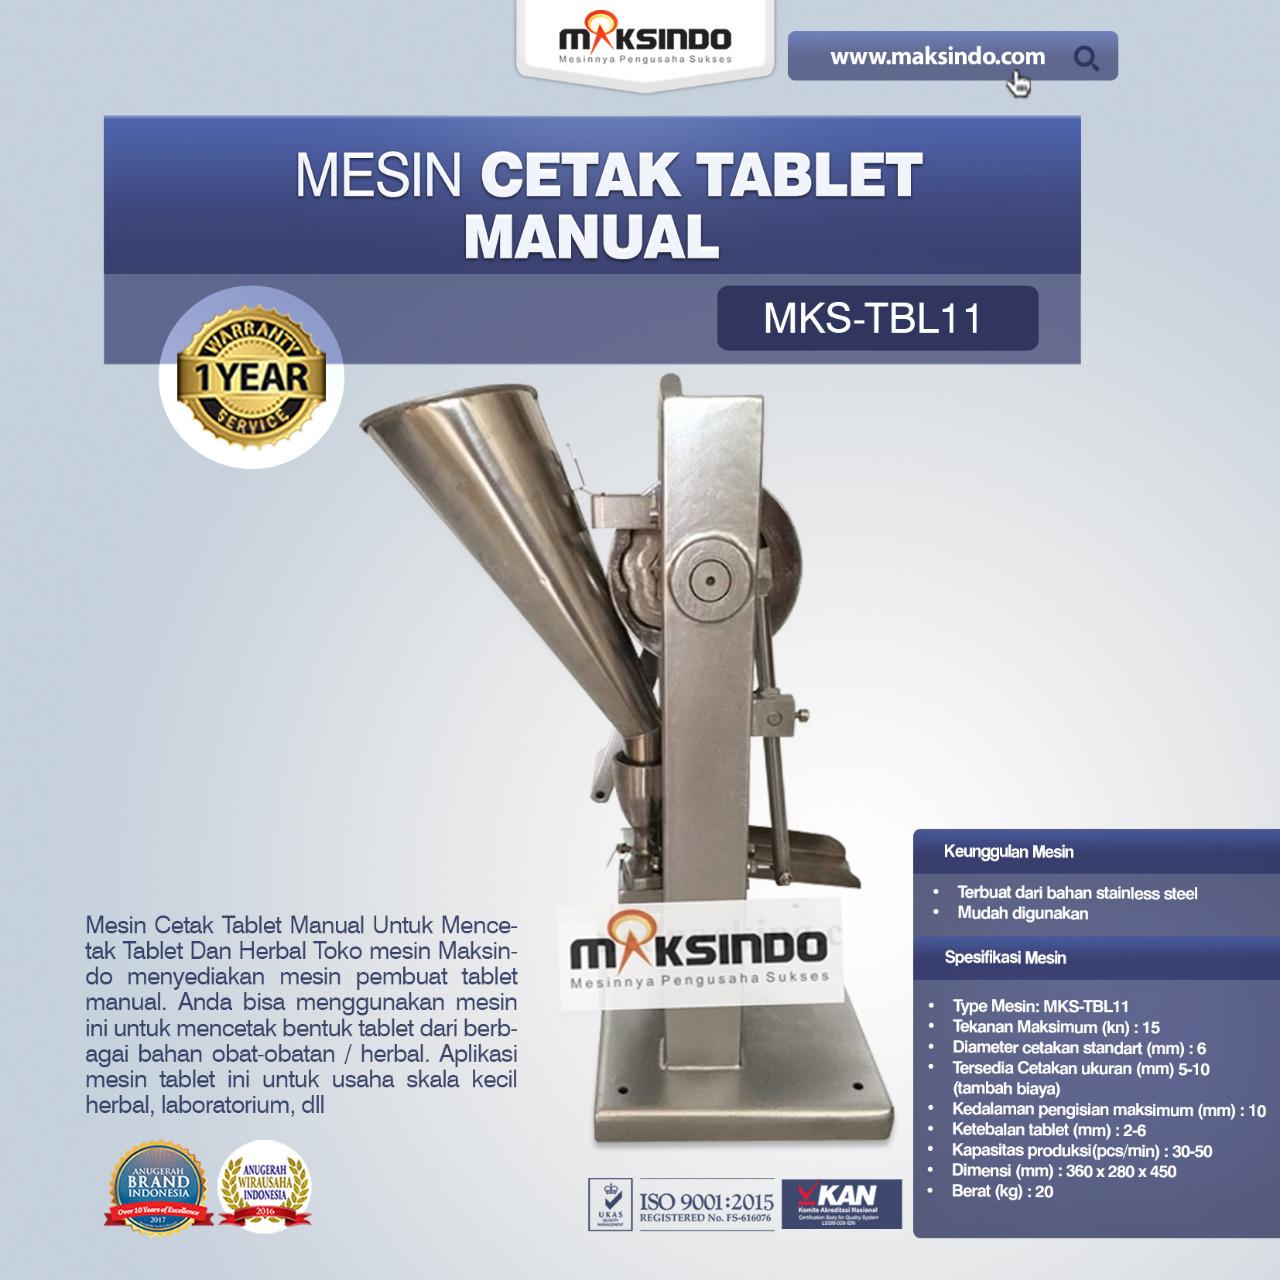 Mesin Cetak Tablet Manual – MKS-TBL11